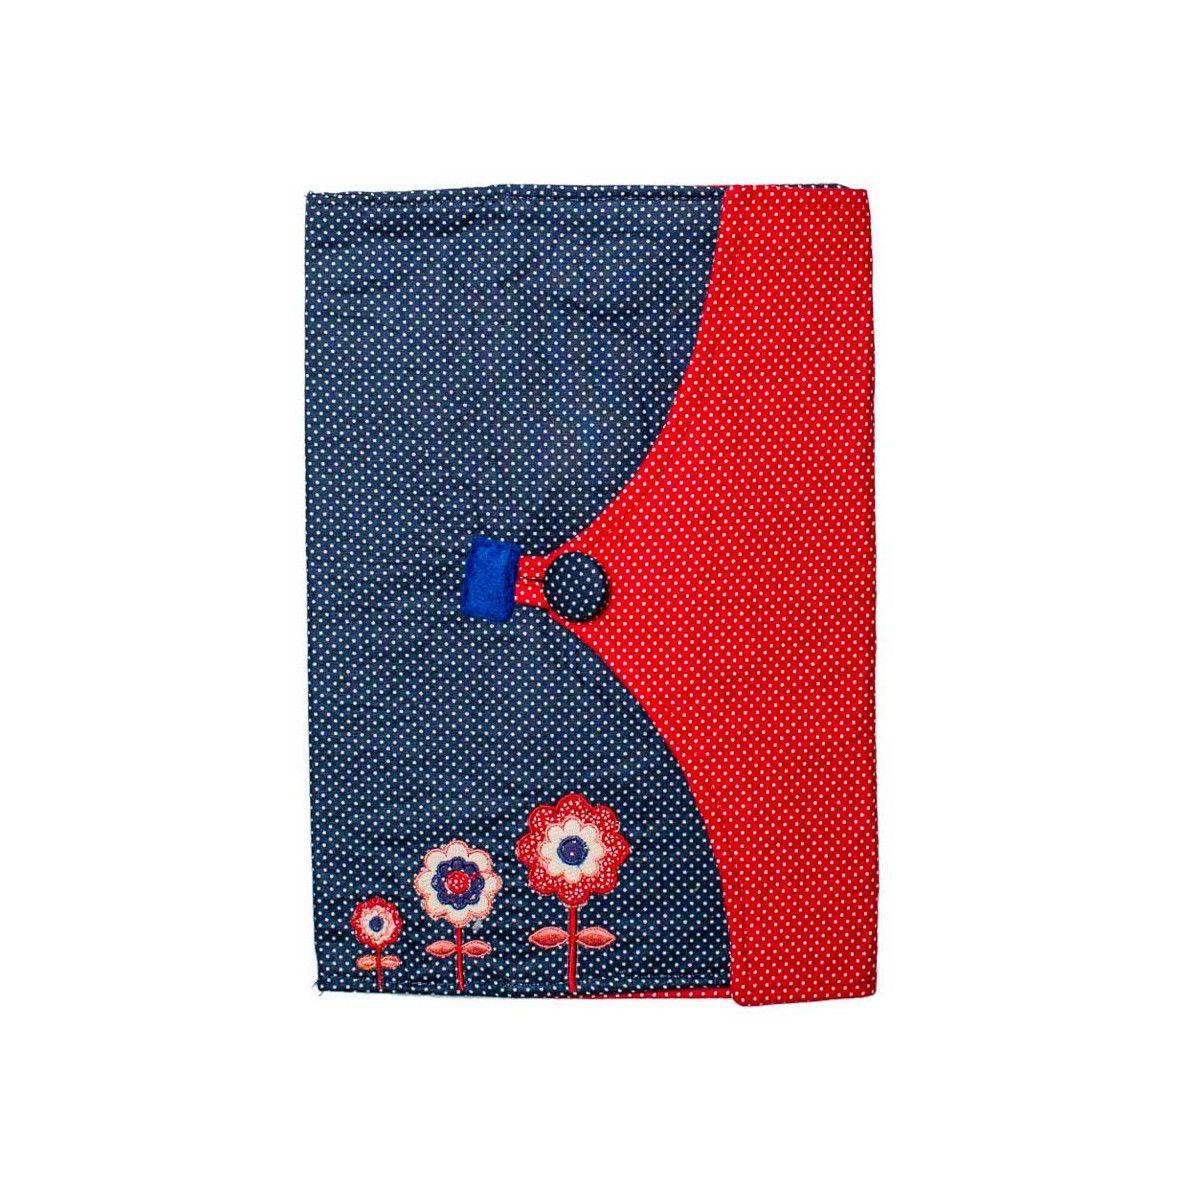 Protège carnet de santé bébé enfant bleu et fleurs rouges